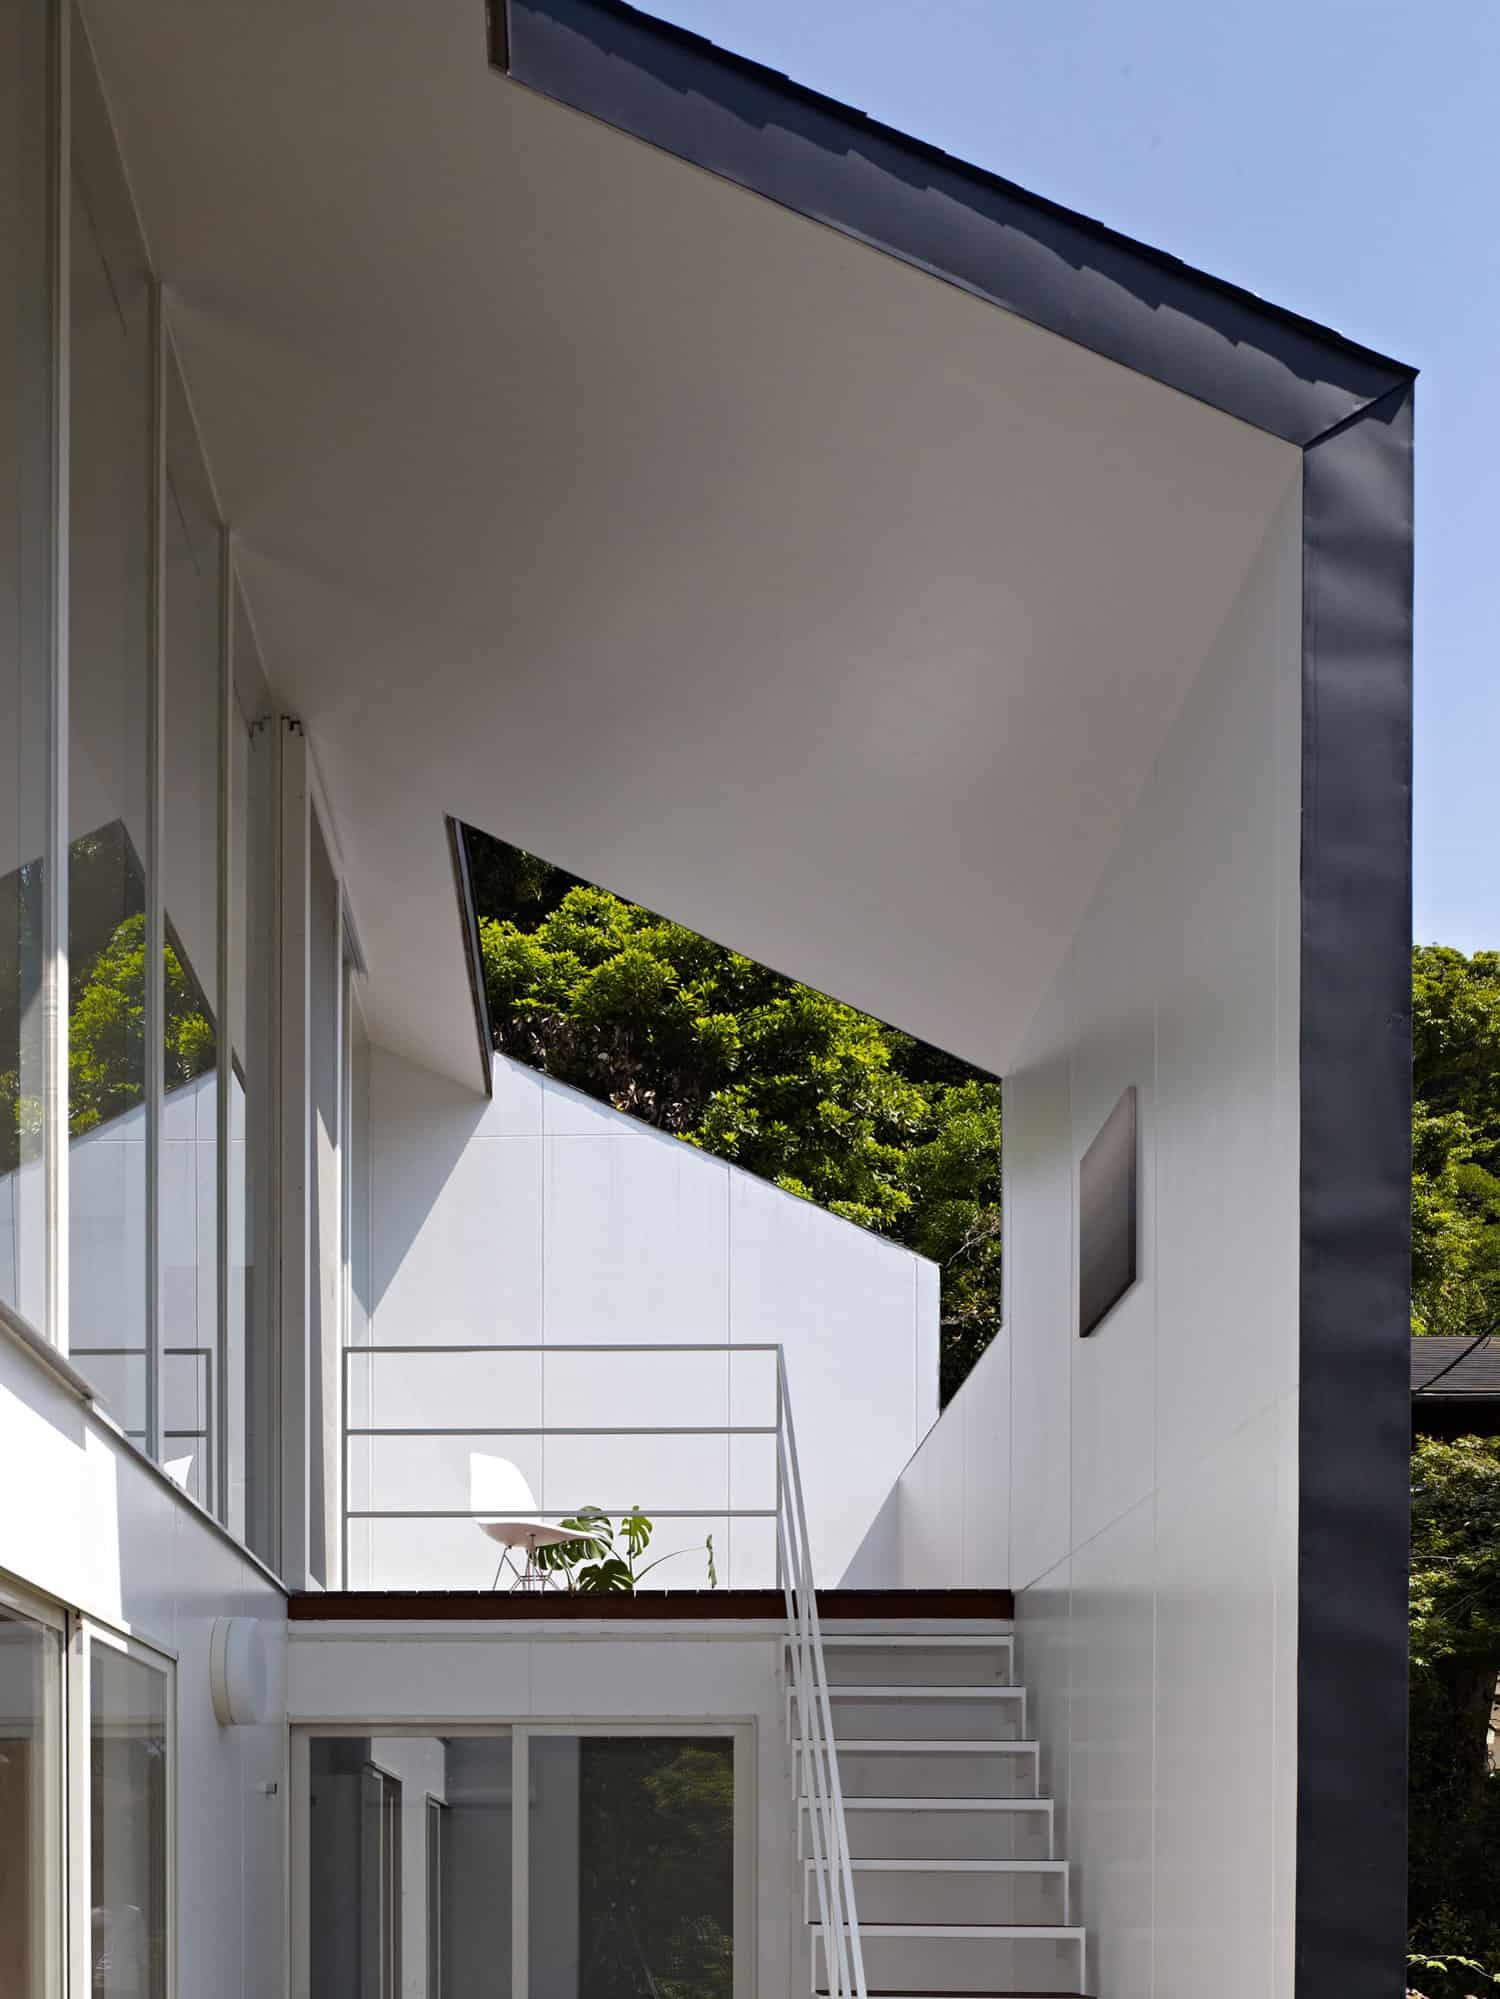 47% House by Kochi Architects Studio (3)